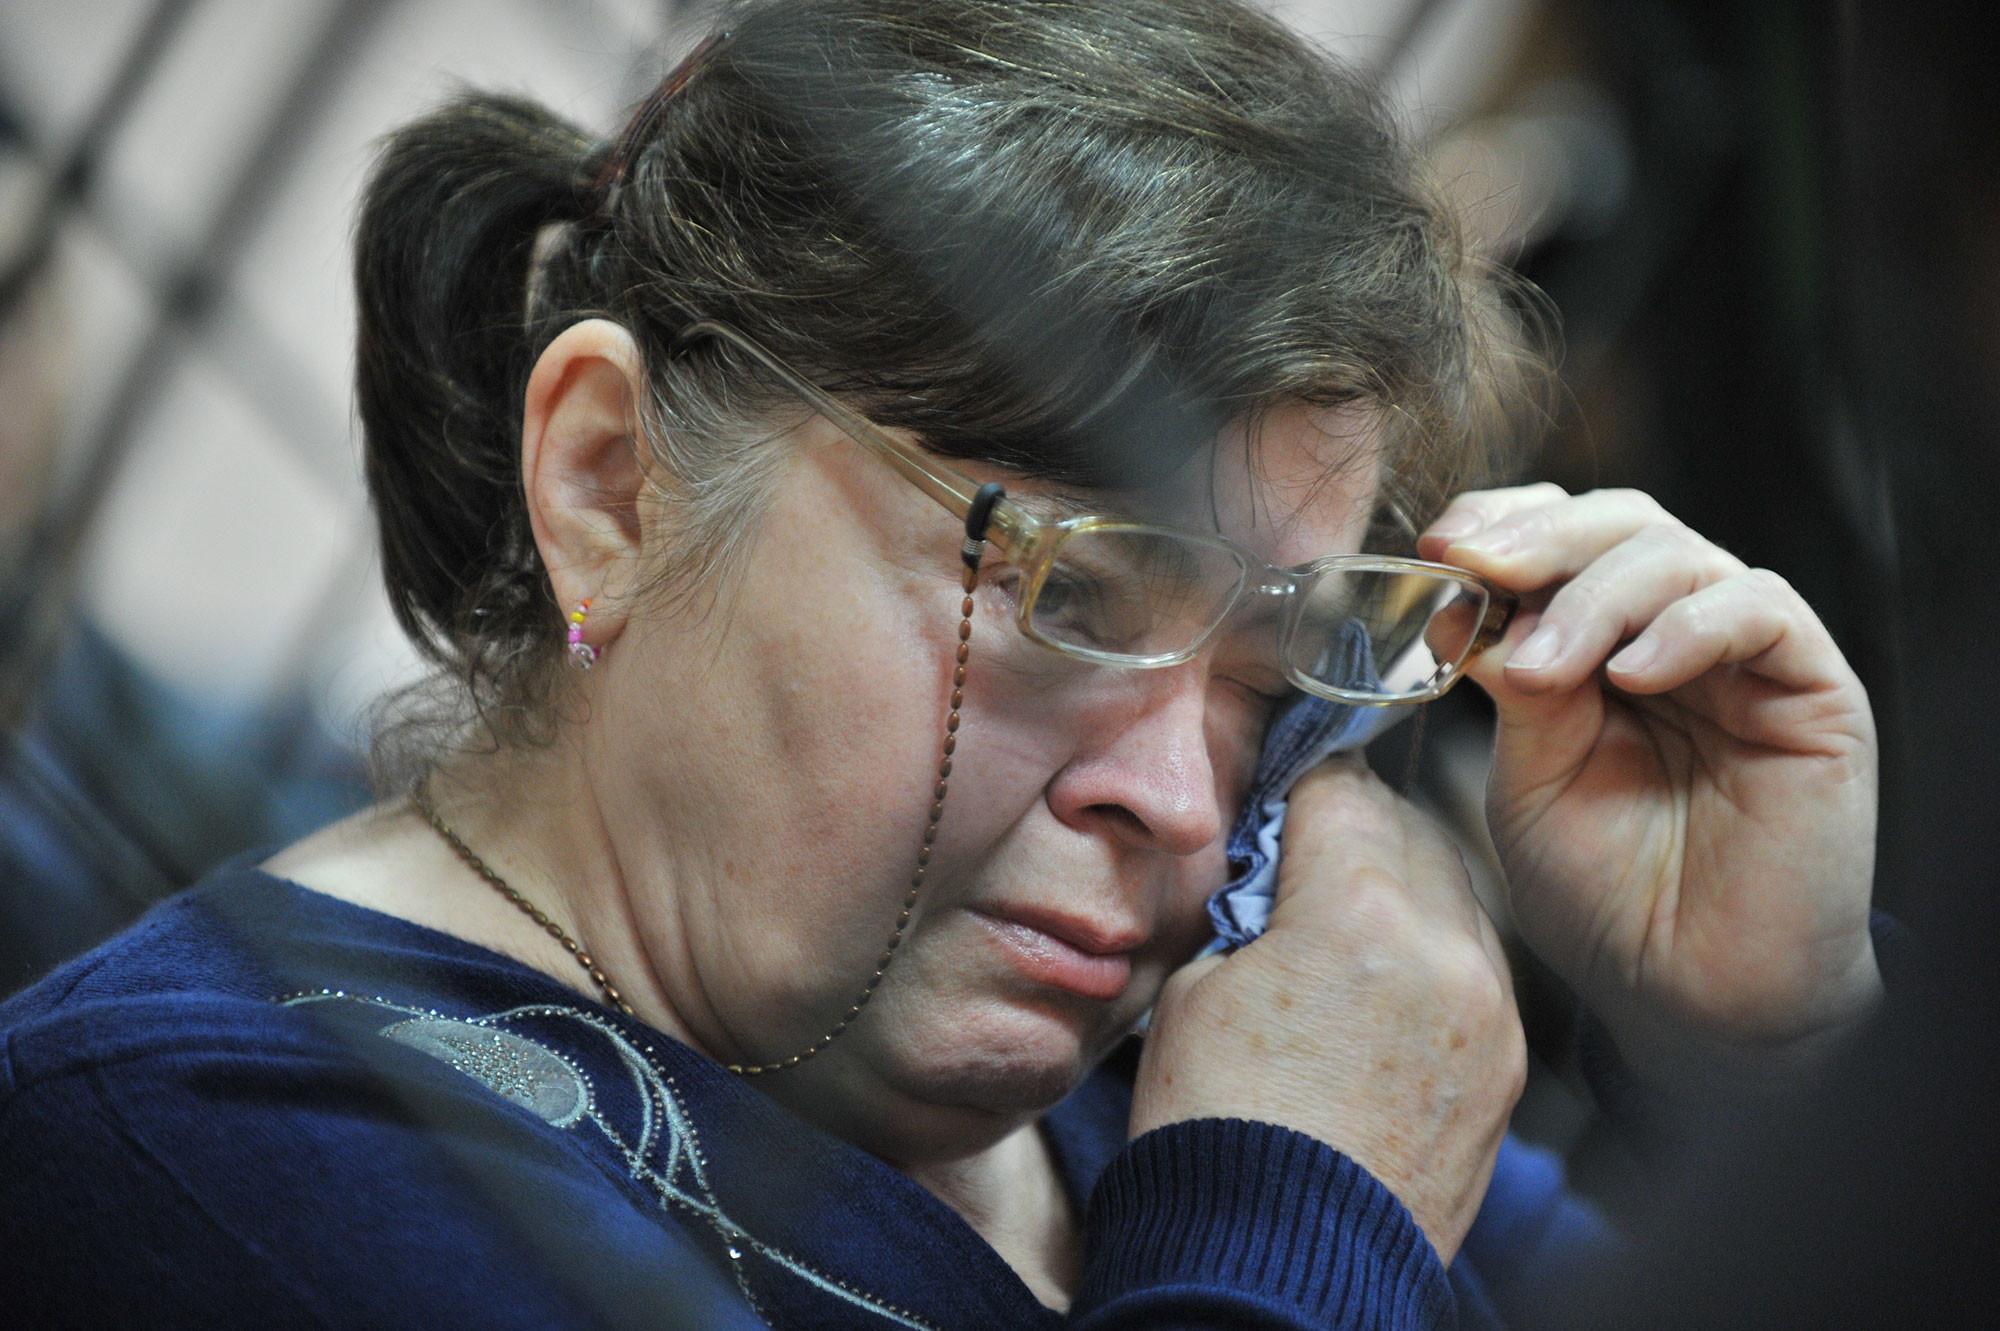 Фото: © РИА Новости / Сергей Пивоваров